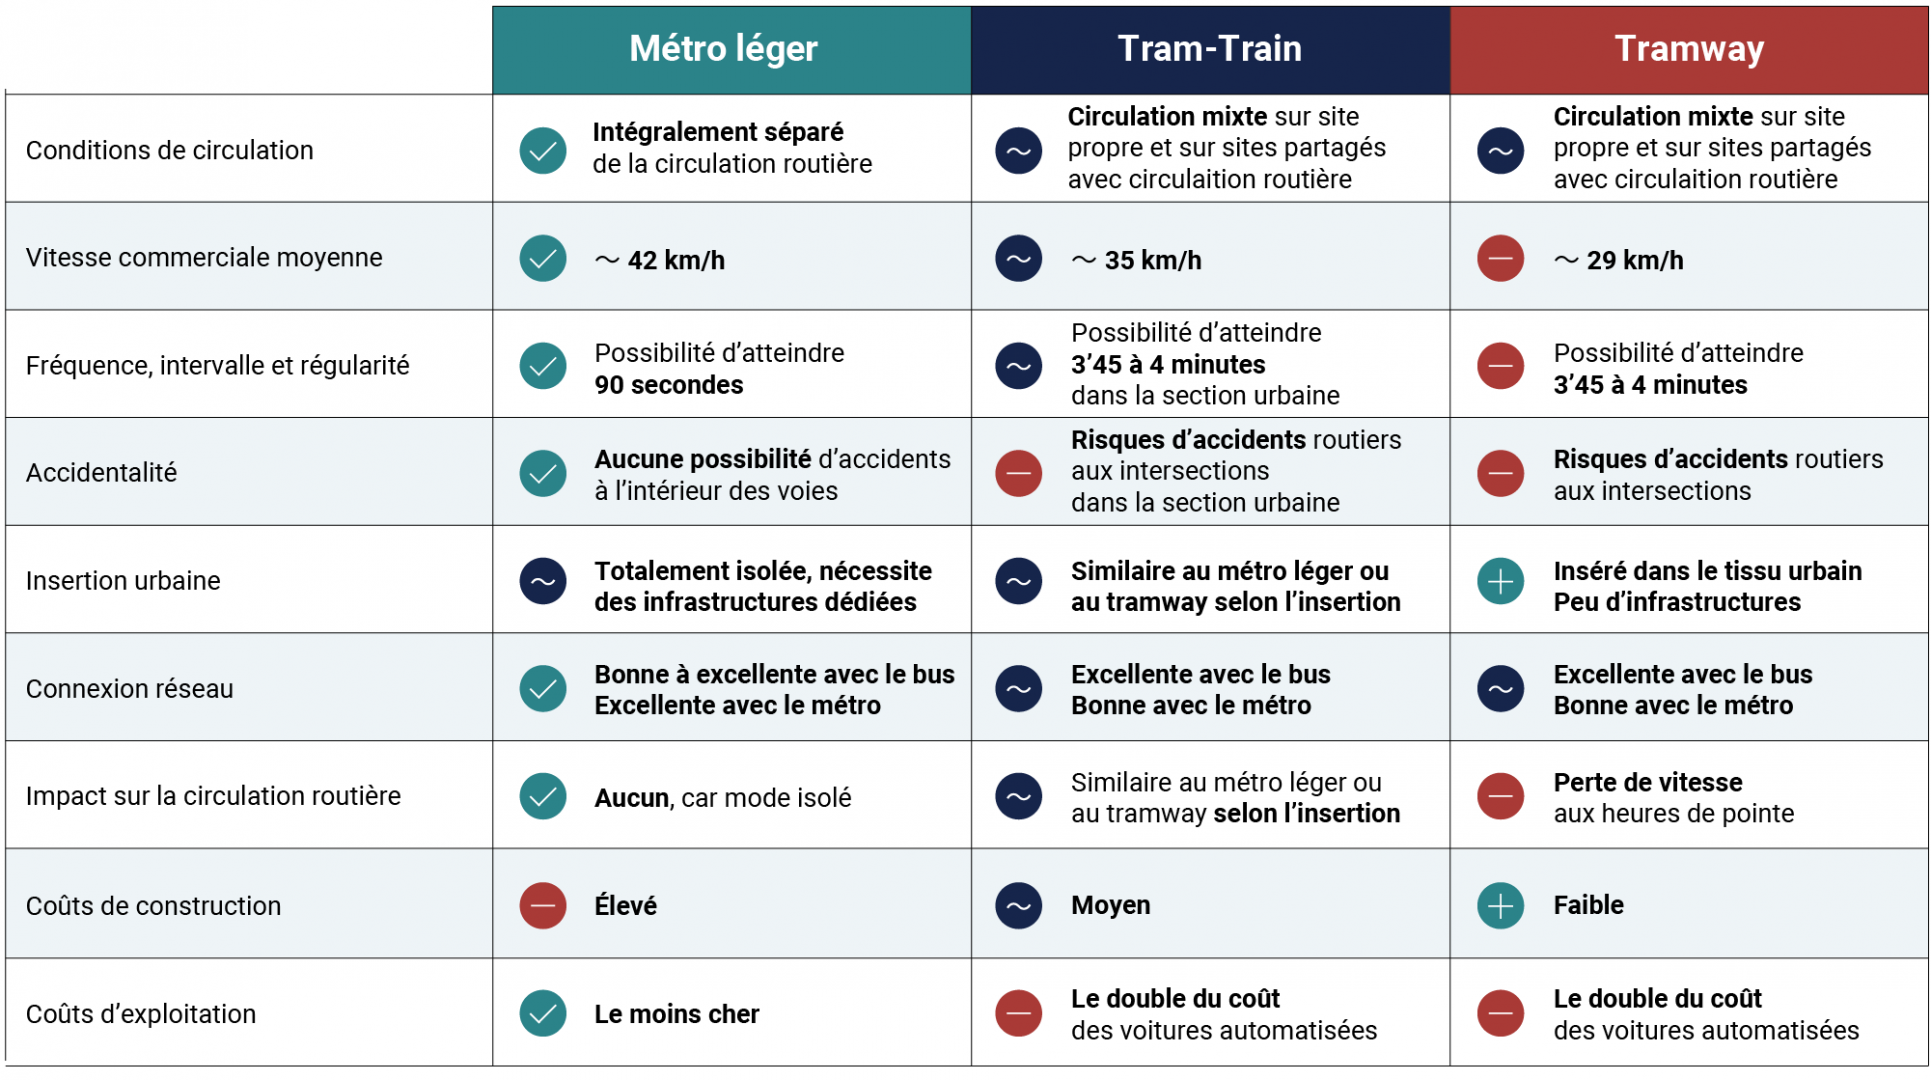 Tableau comparatif du tramway, tram-train et métro léger